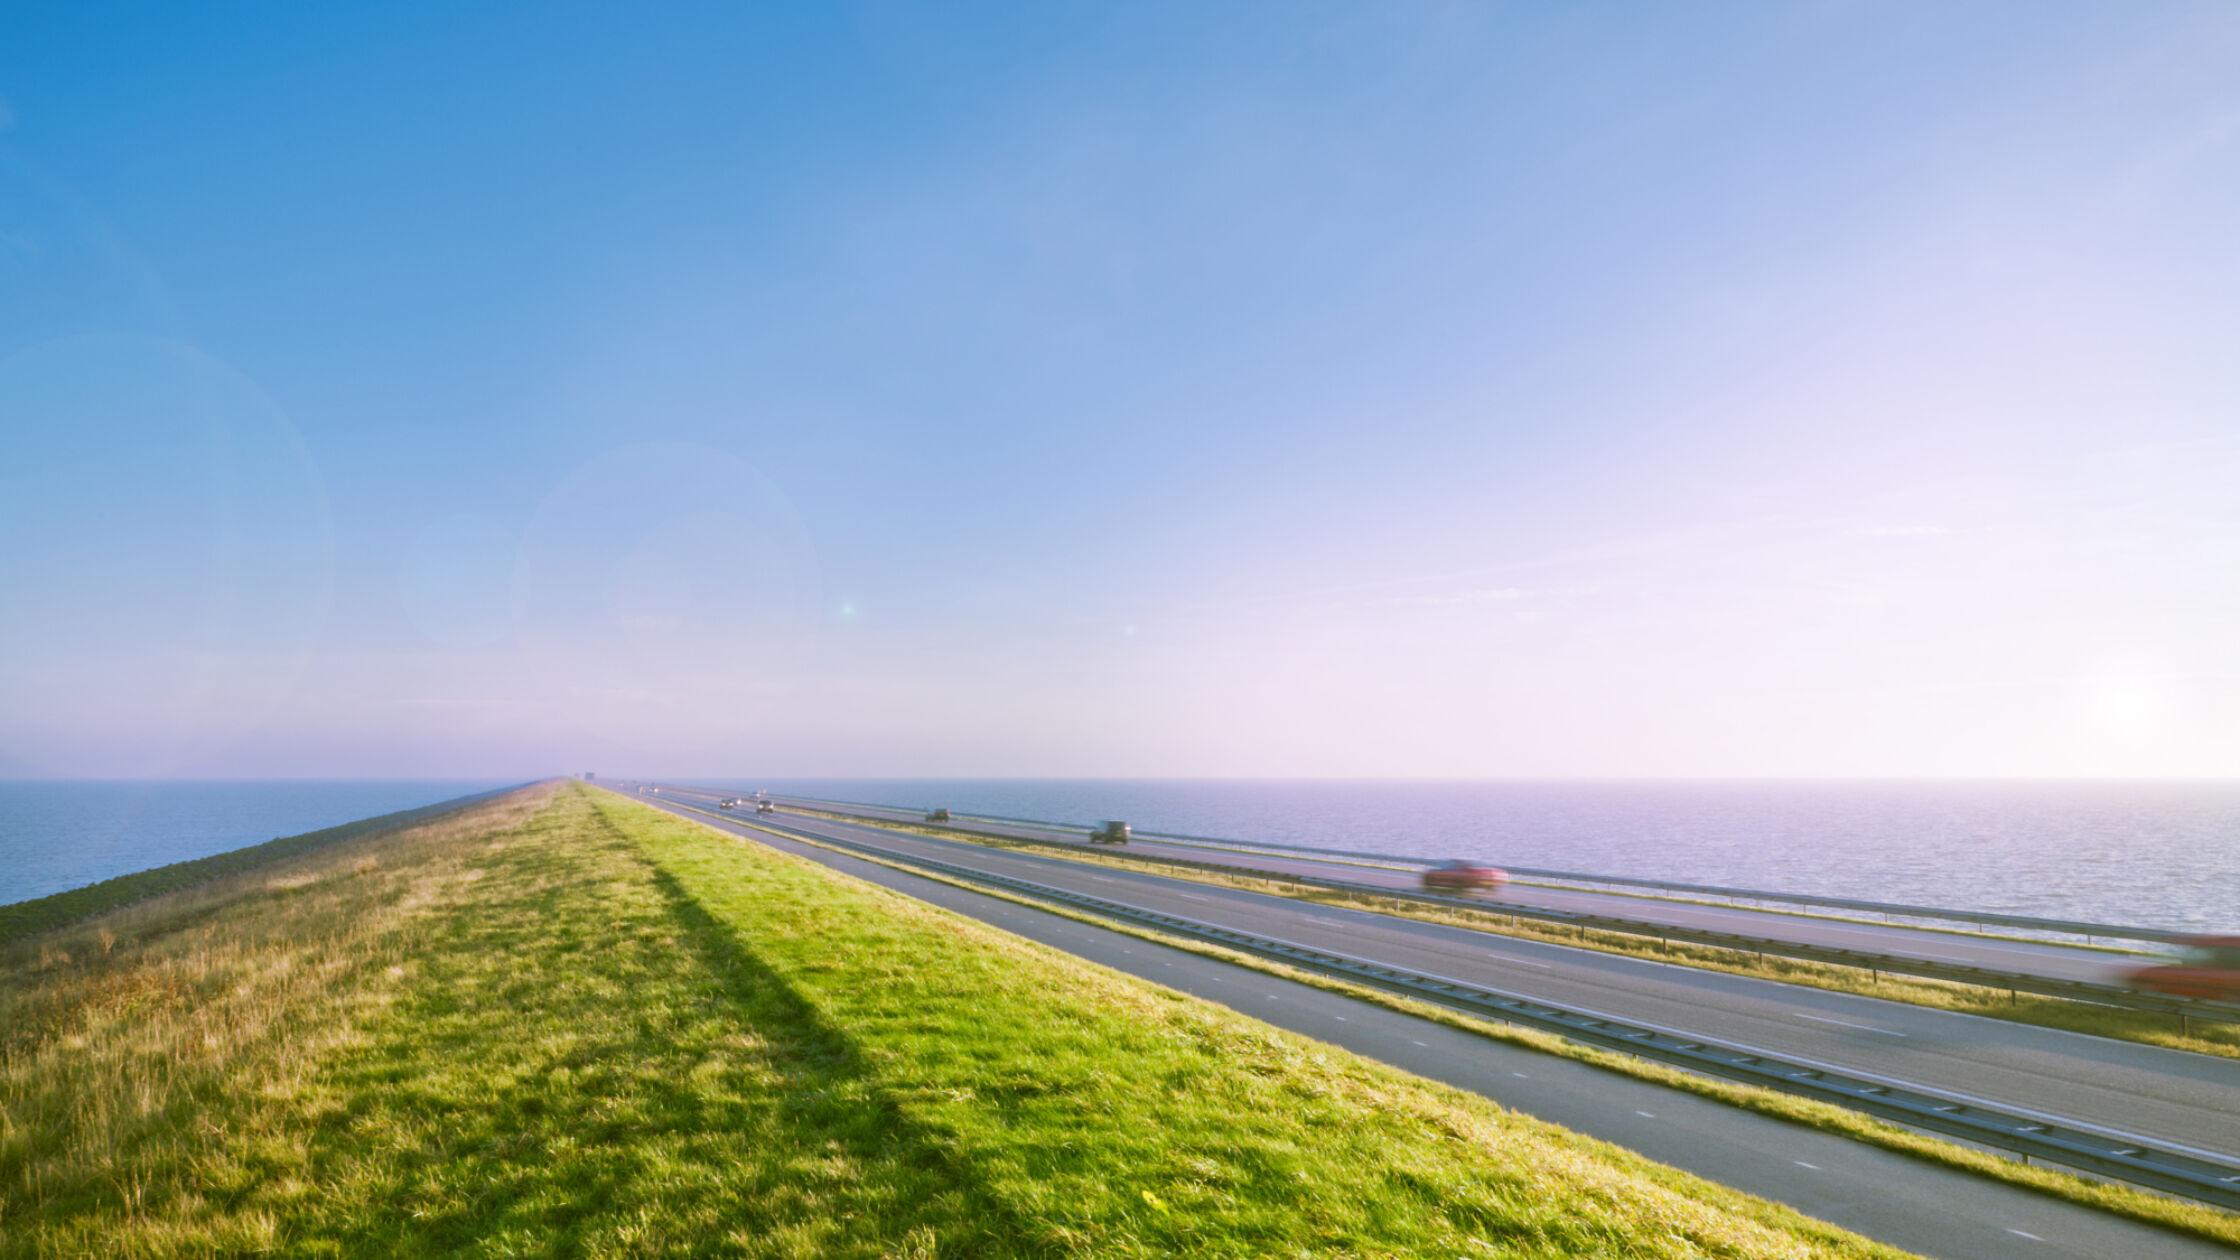 """Kilometervreter Chantal Prins: """"Hardlopen bij zonsopkomst, dat lijkt me een unieke ervaring"""""""